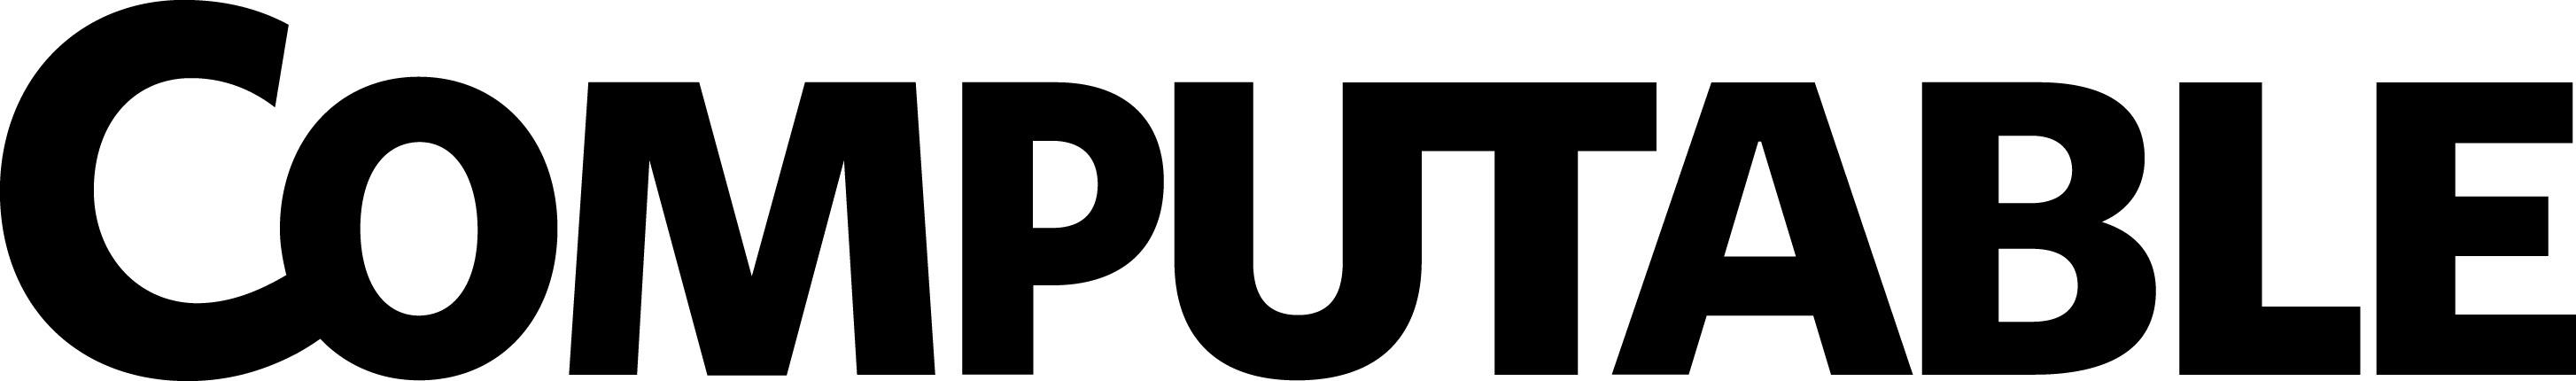 computable-logo-2009-zwart-groot-formaat.jpg